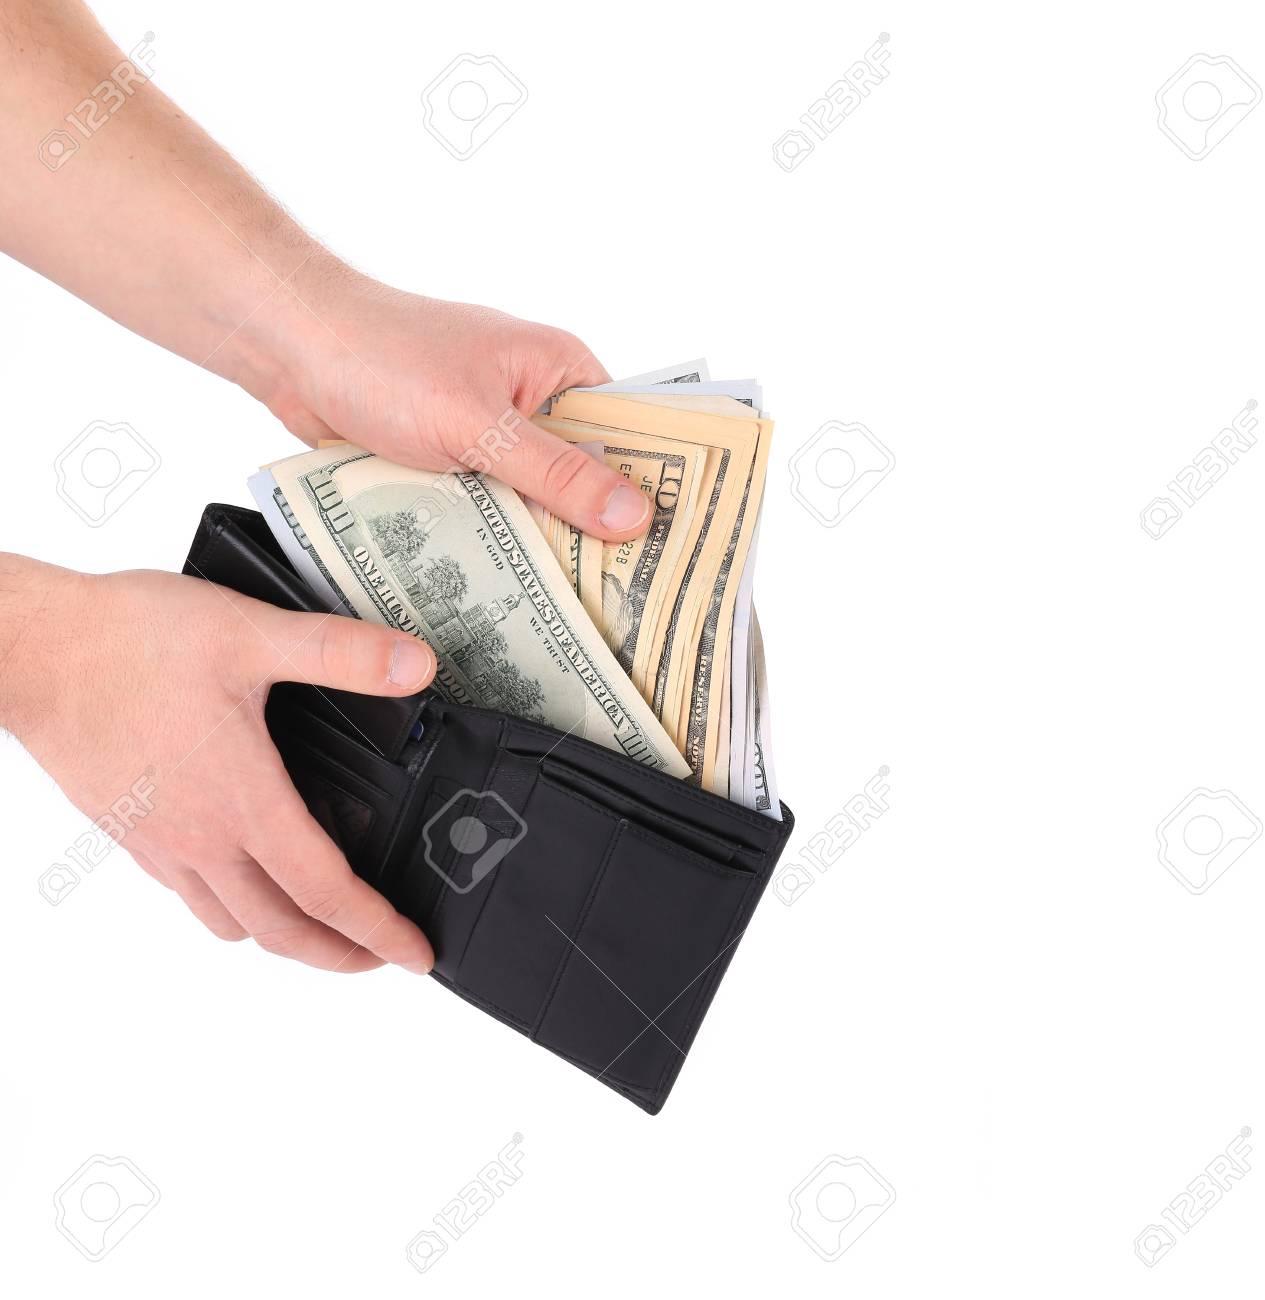 zapatos de temperamento comprar lujo último estilo de 2019 Mano que sostiene la cartera con billetes de dólar.